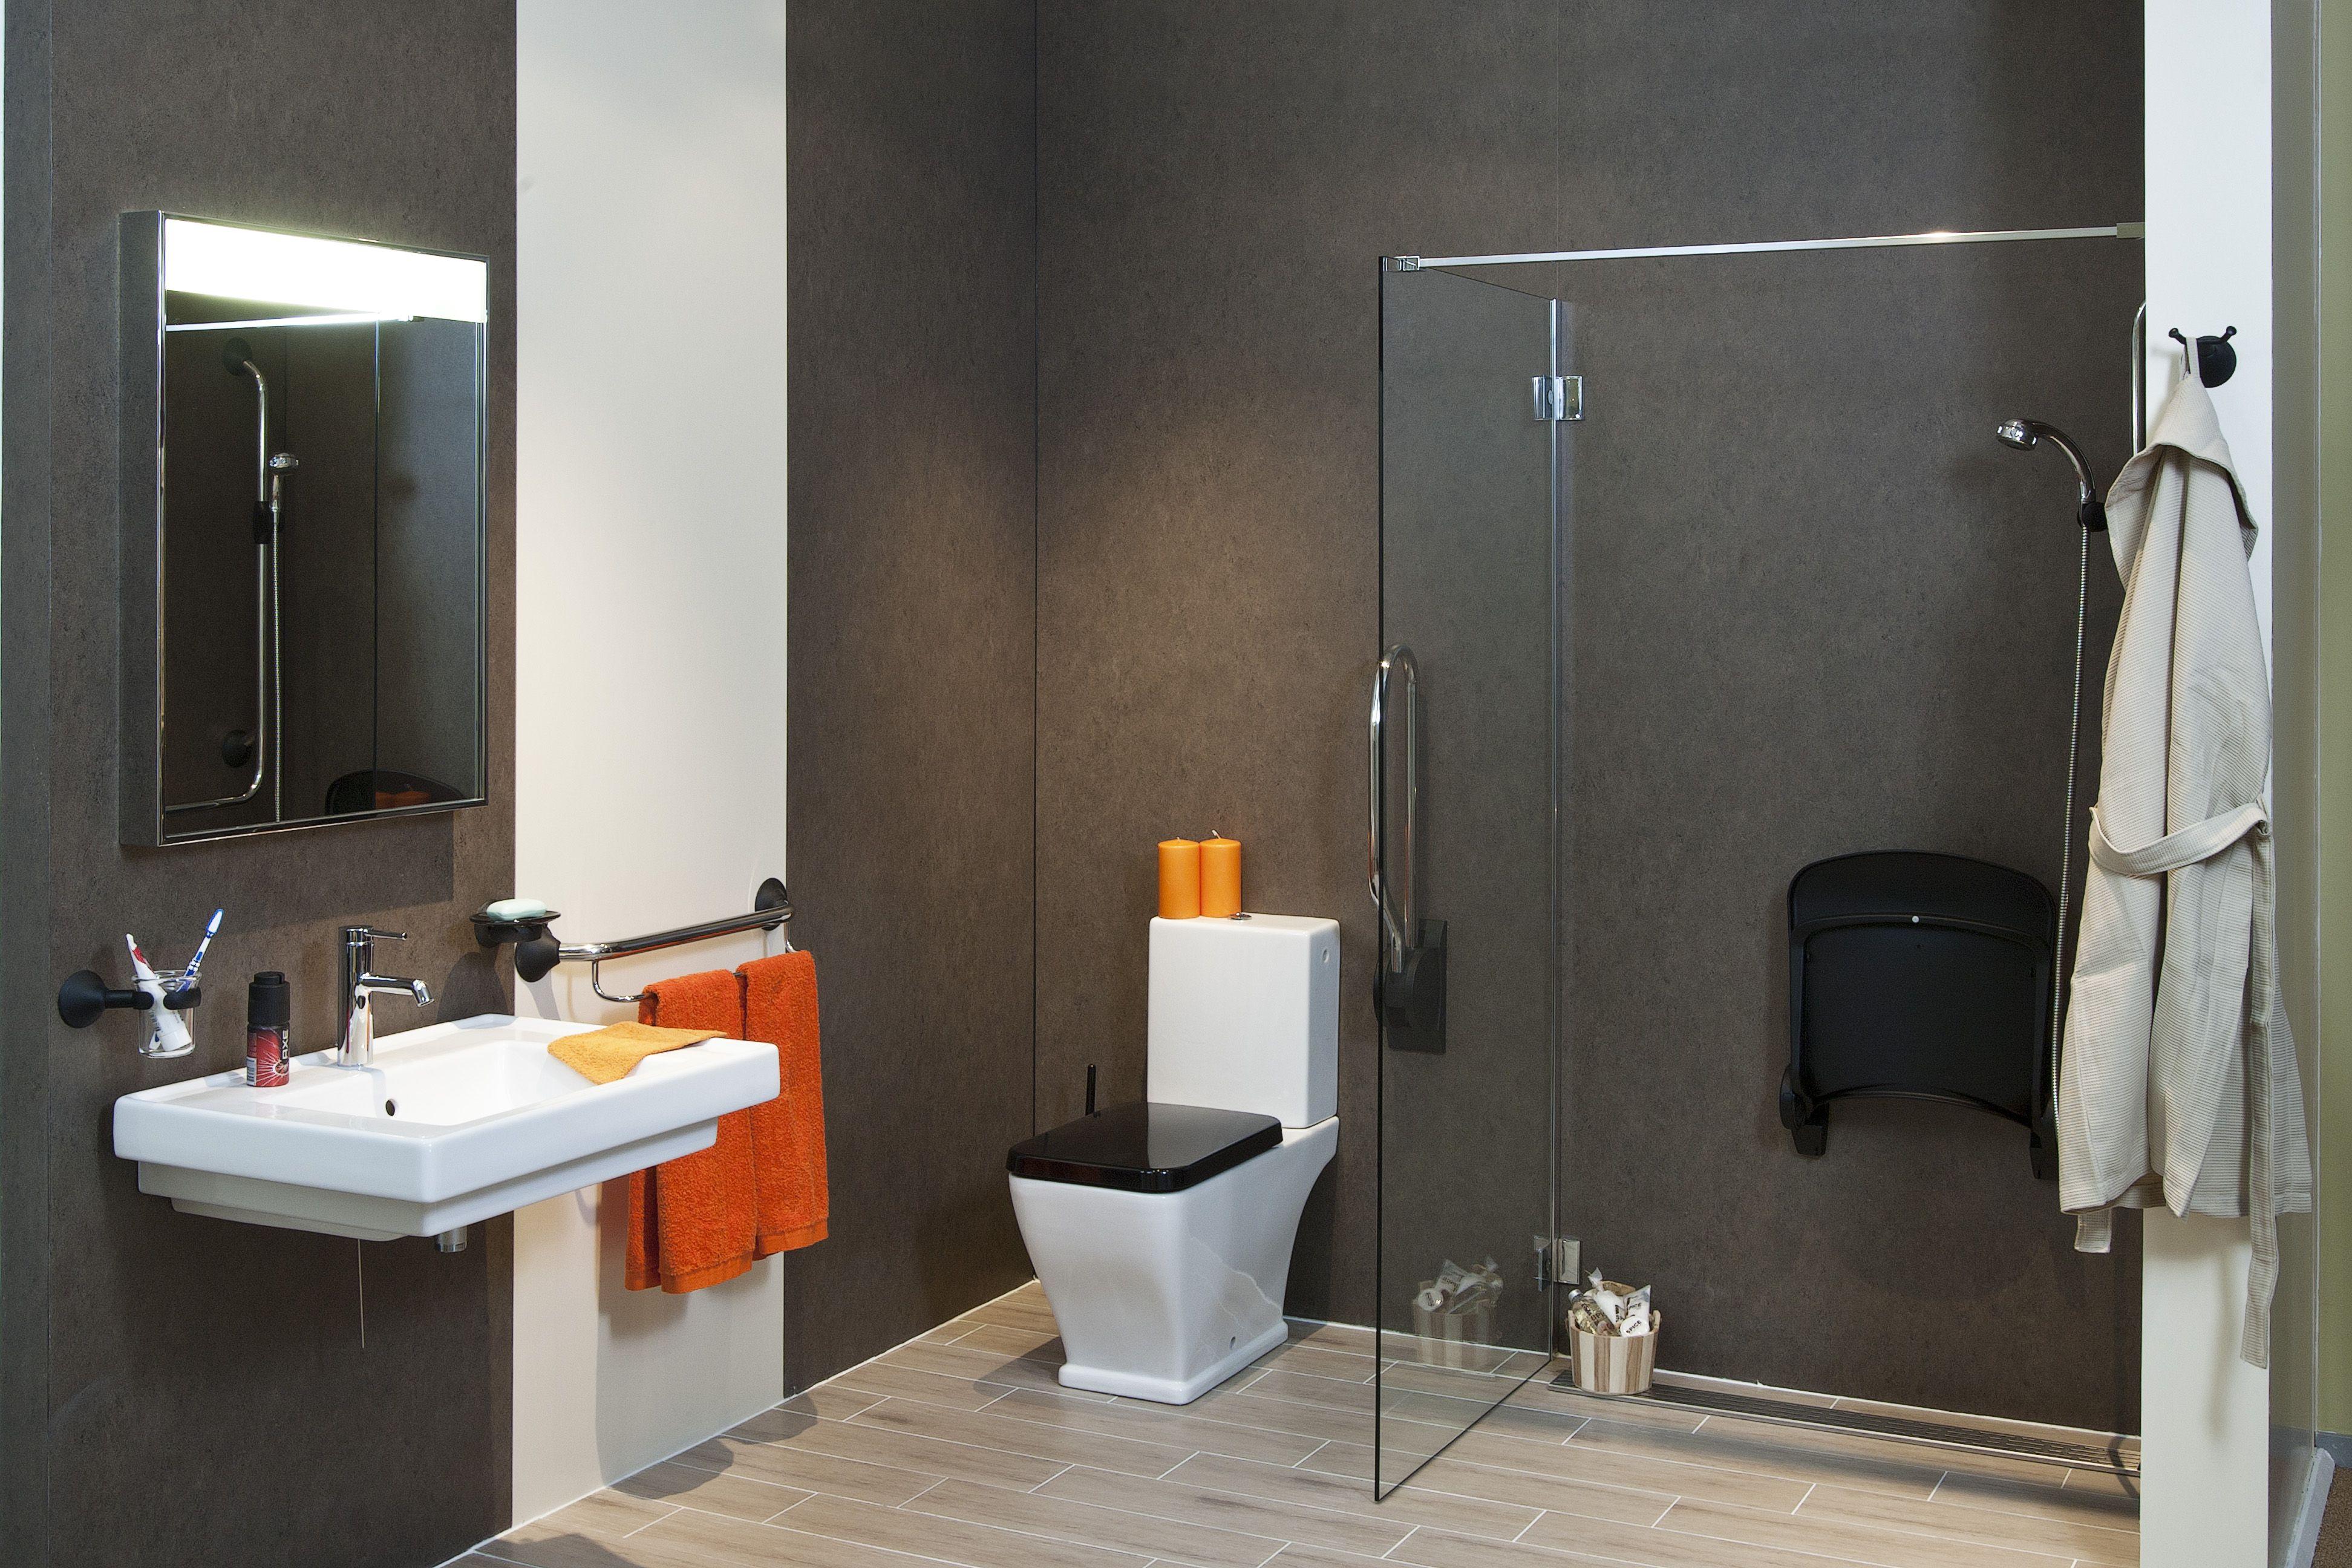 Complete aangepaste badkamer mer rolstoel wastafel en douchezitje